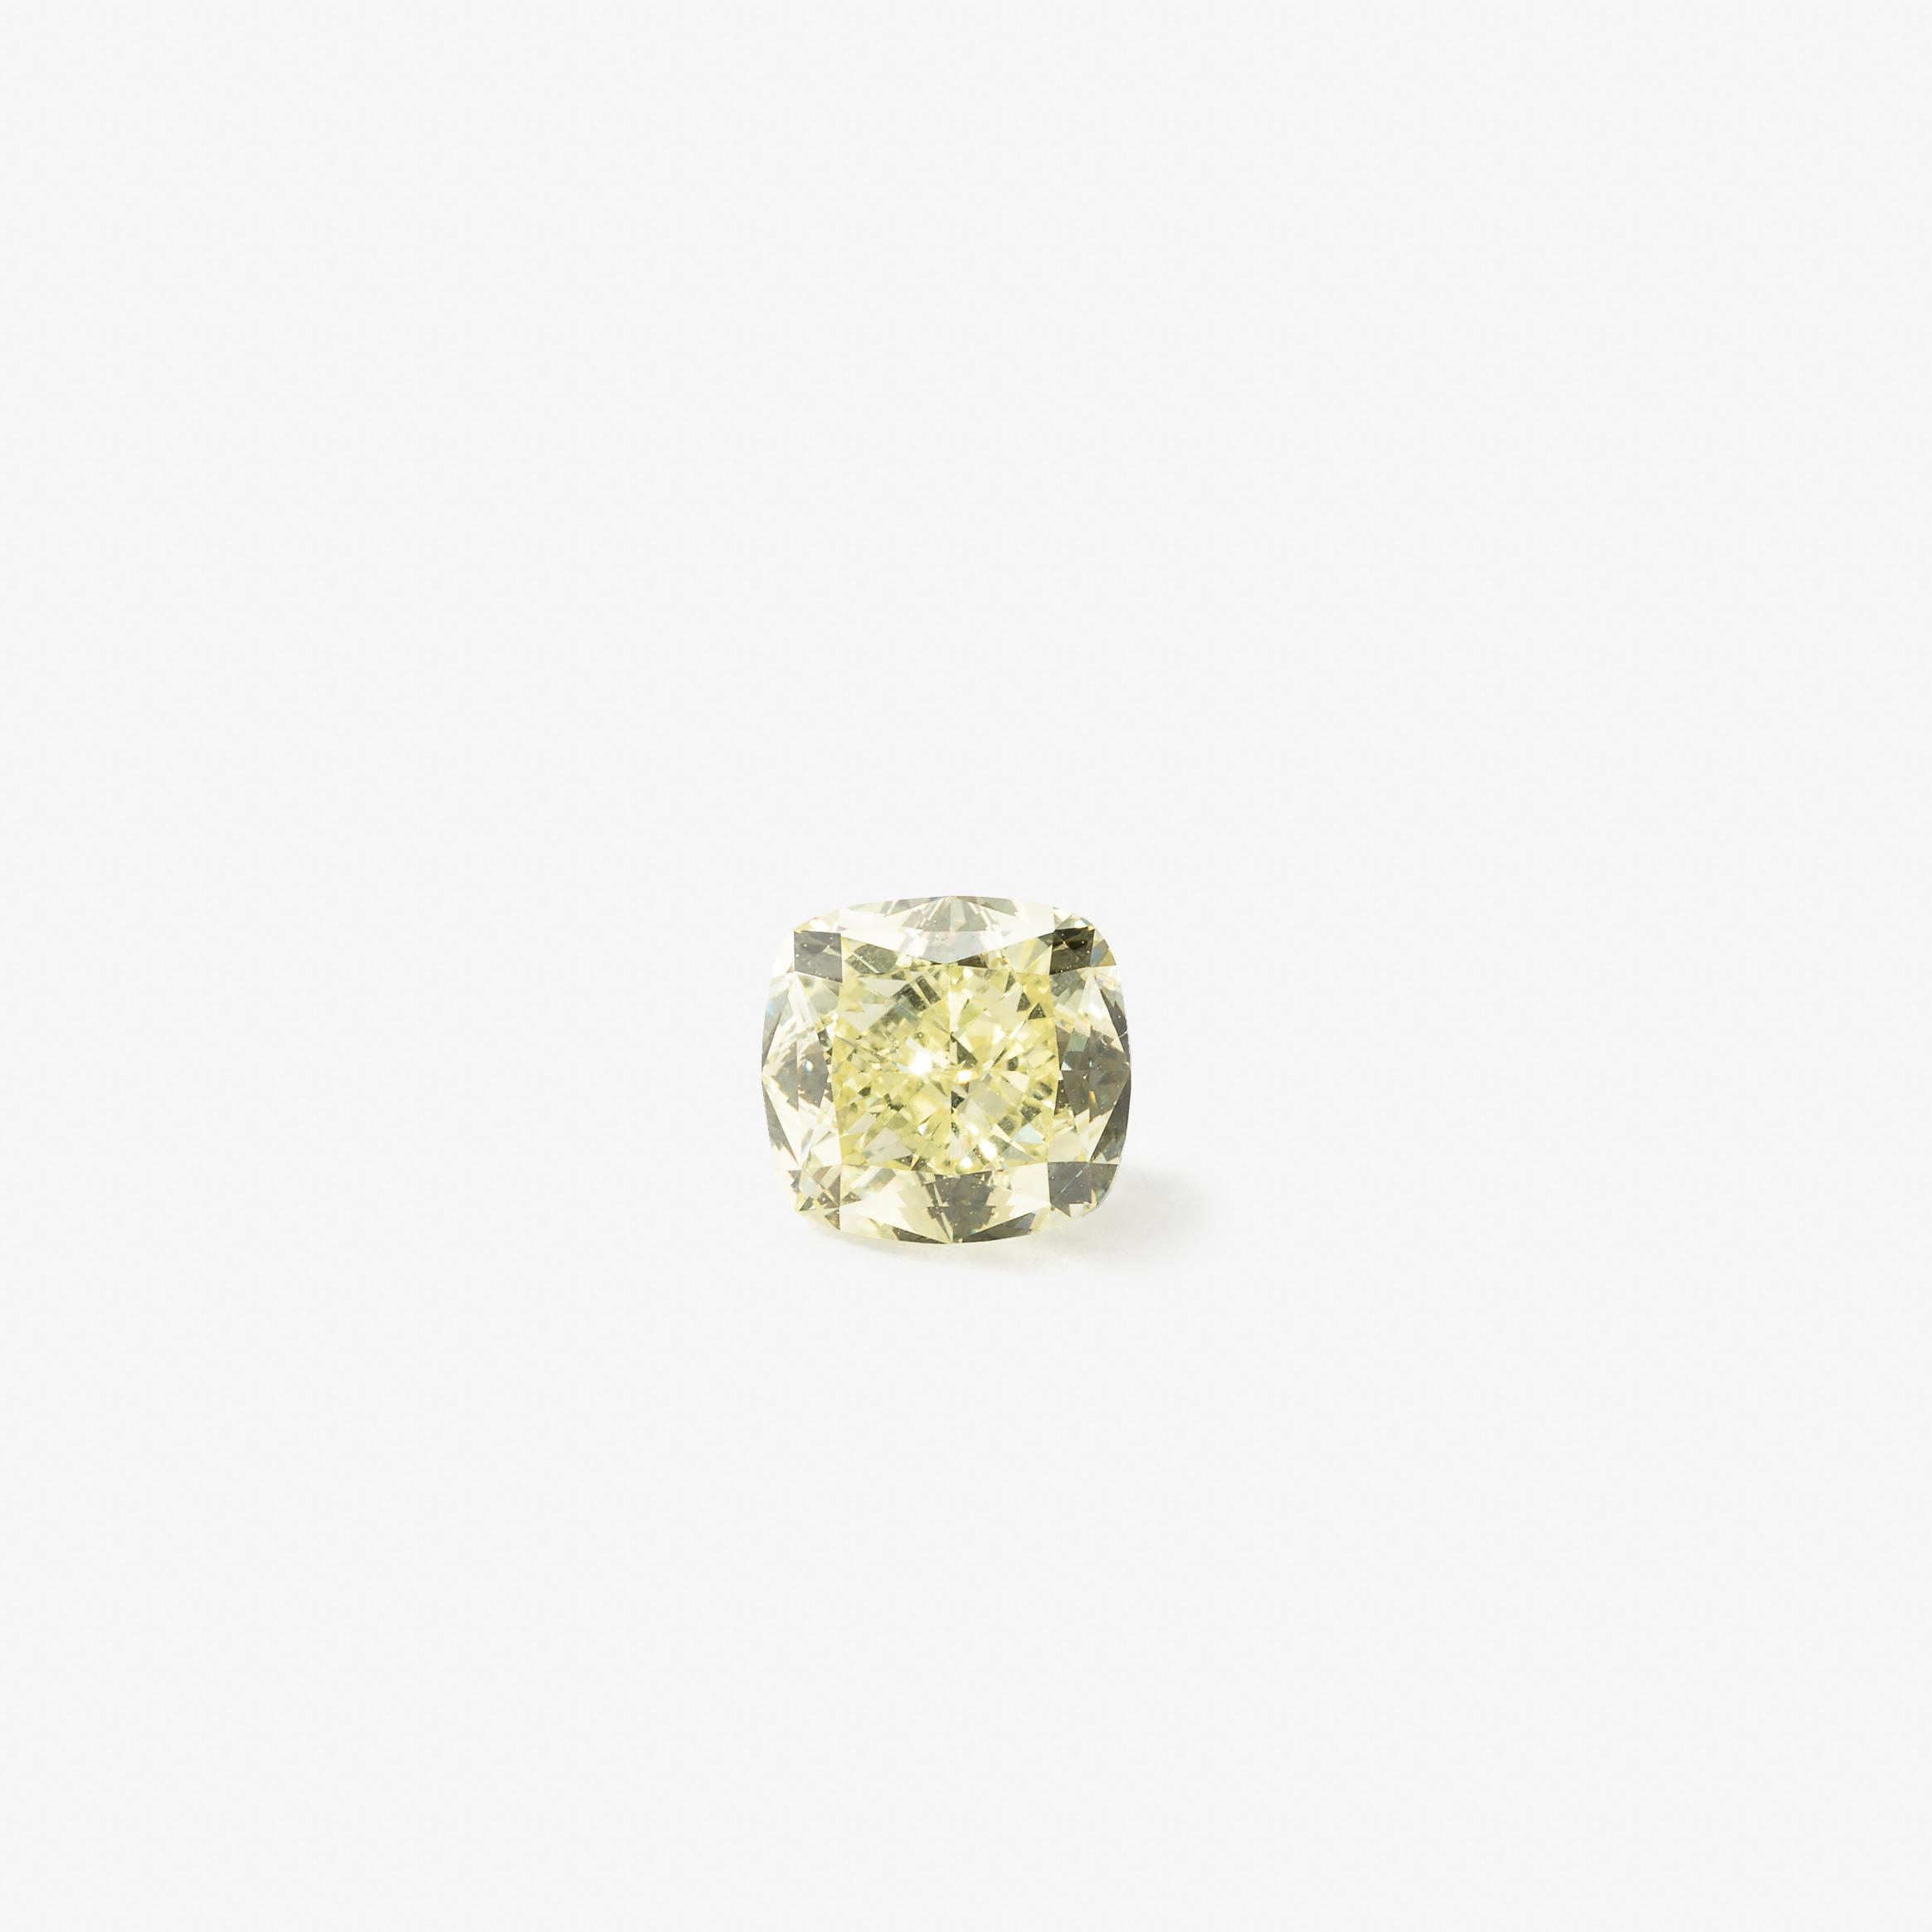 Diamant taille coussin pesant 1,39 carat Avec certificat GIA: Fancy Light Yellow, Natural Even, IF, numéroté GIA 2173378445, 18 novembre 2015 Estimation: 9 000 à 12 000 EUR